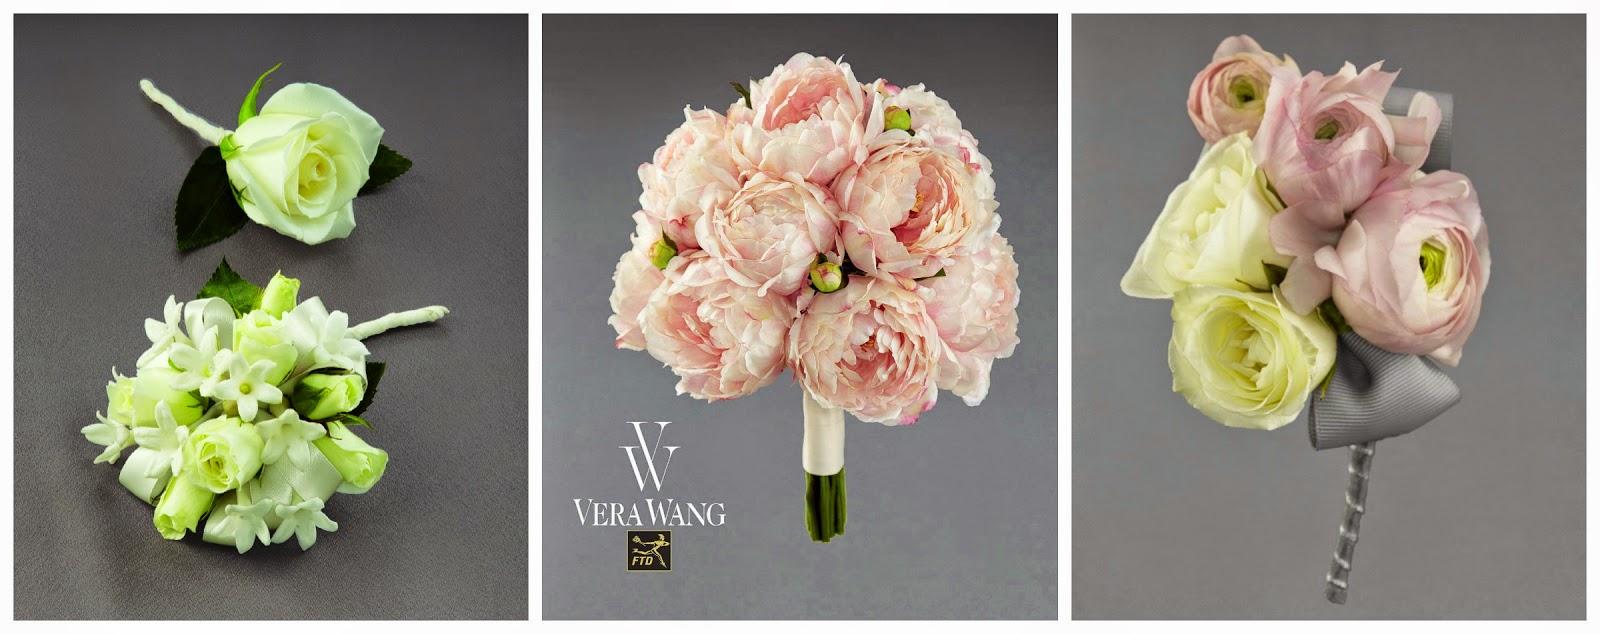 Vera Wang Collection at FTD.com